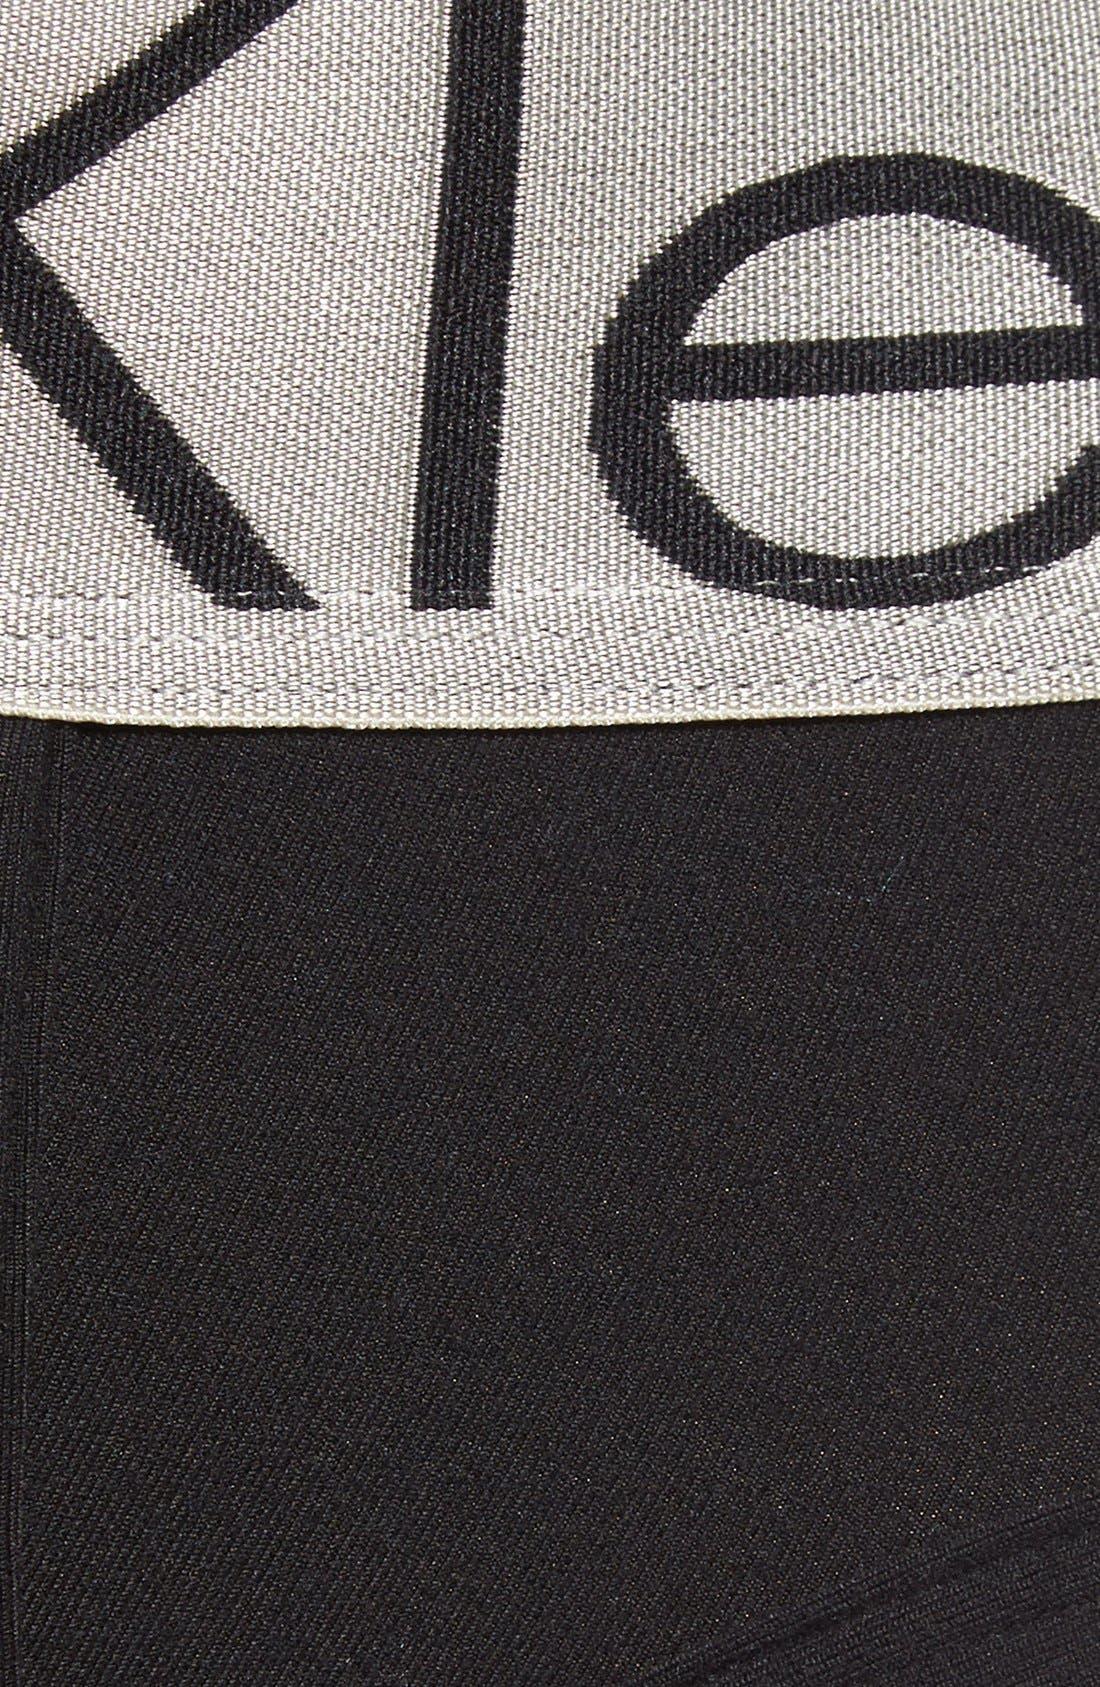 Alternate Image 3  - Calvin Klein 'Steel - U2715' Microfiber Hip Briefs